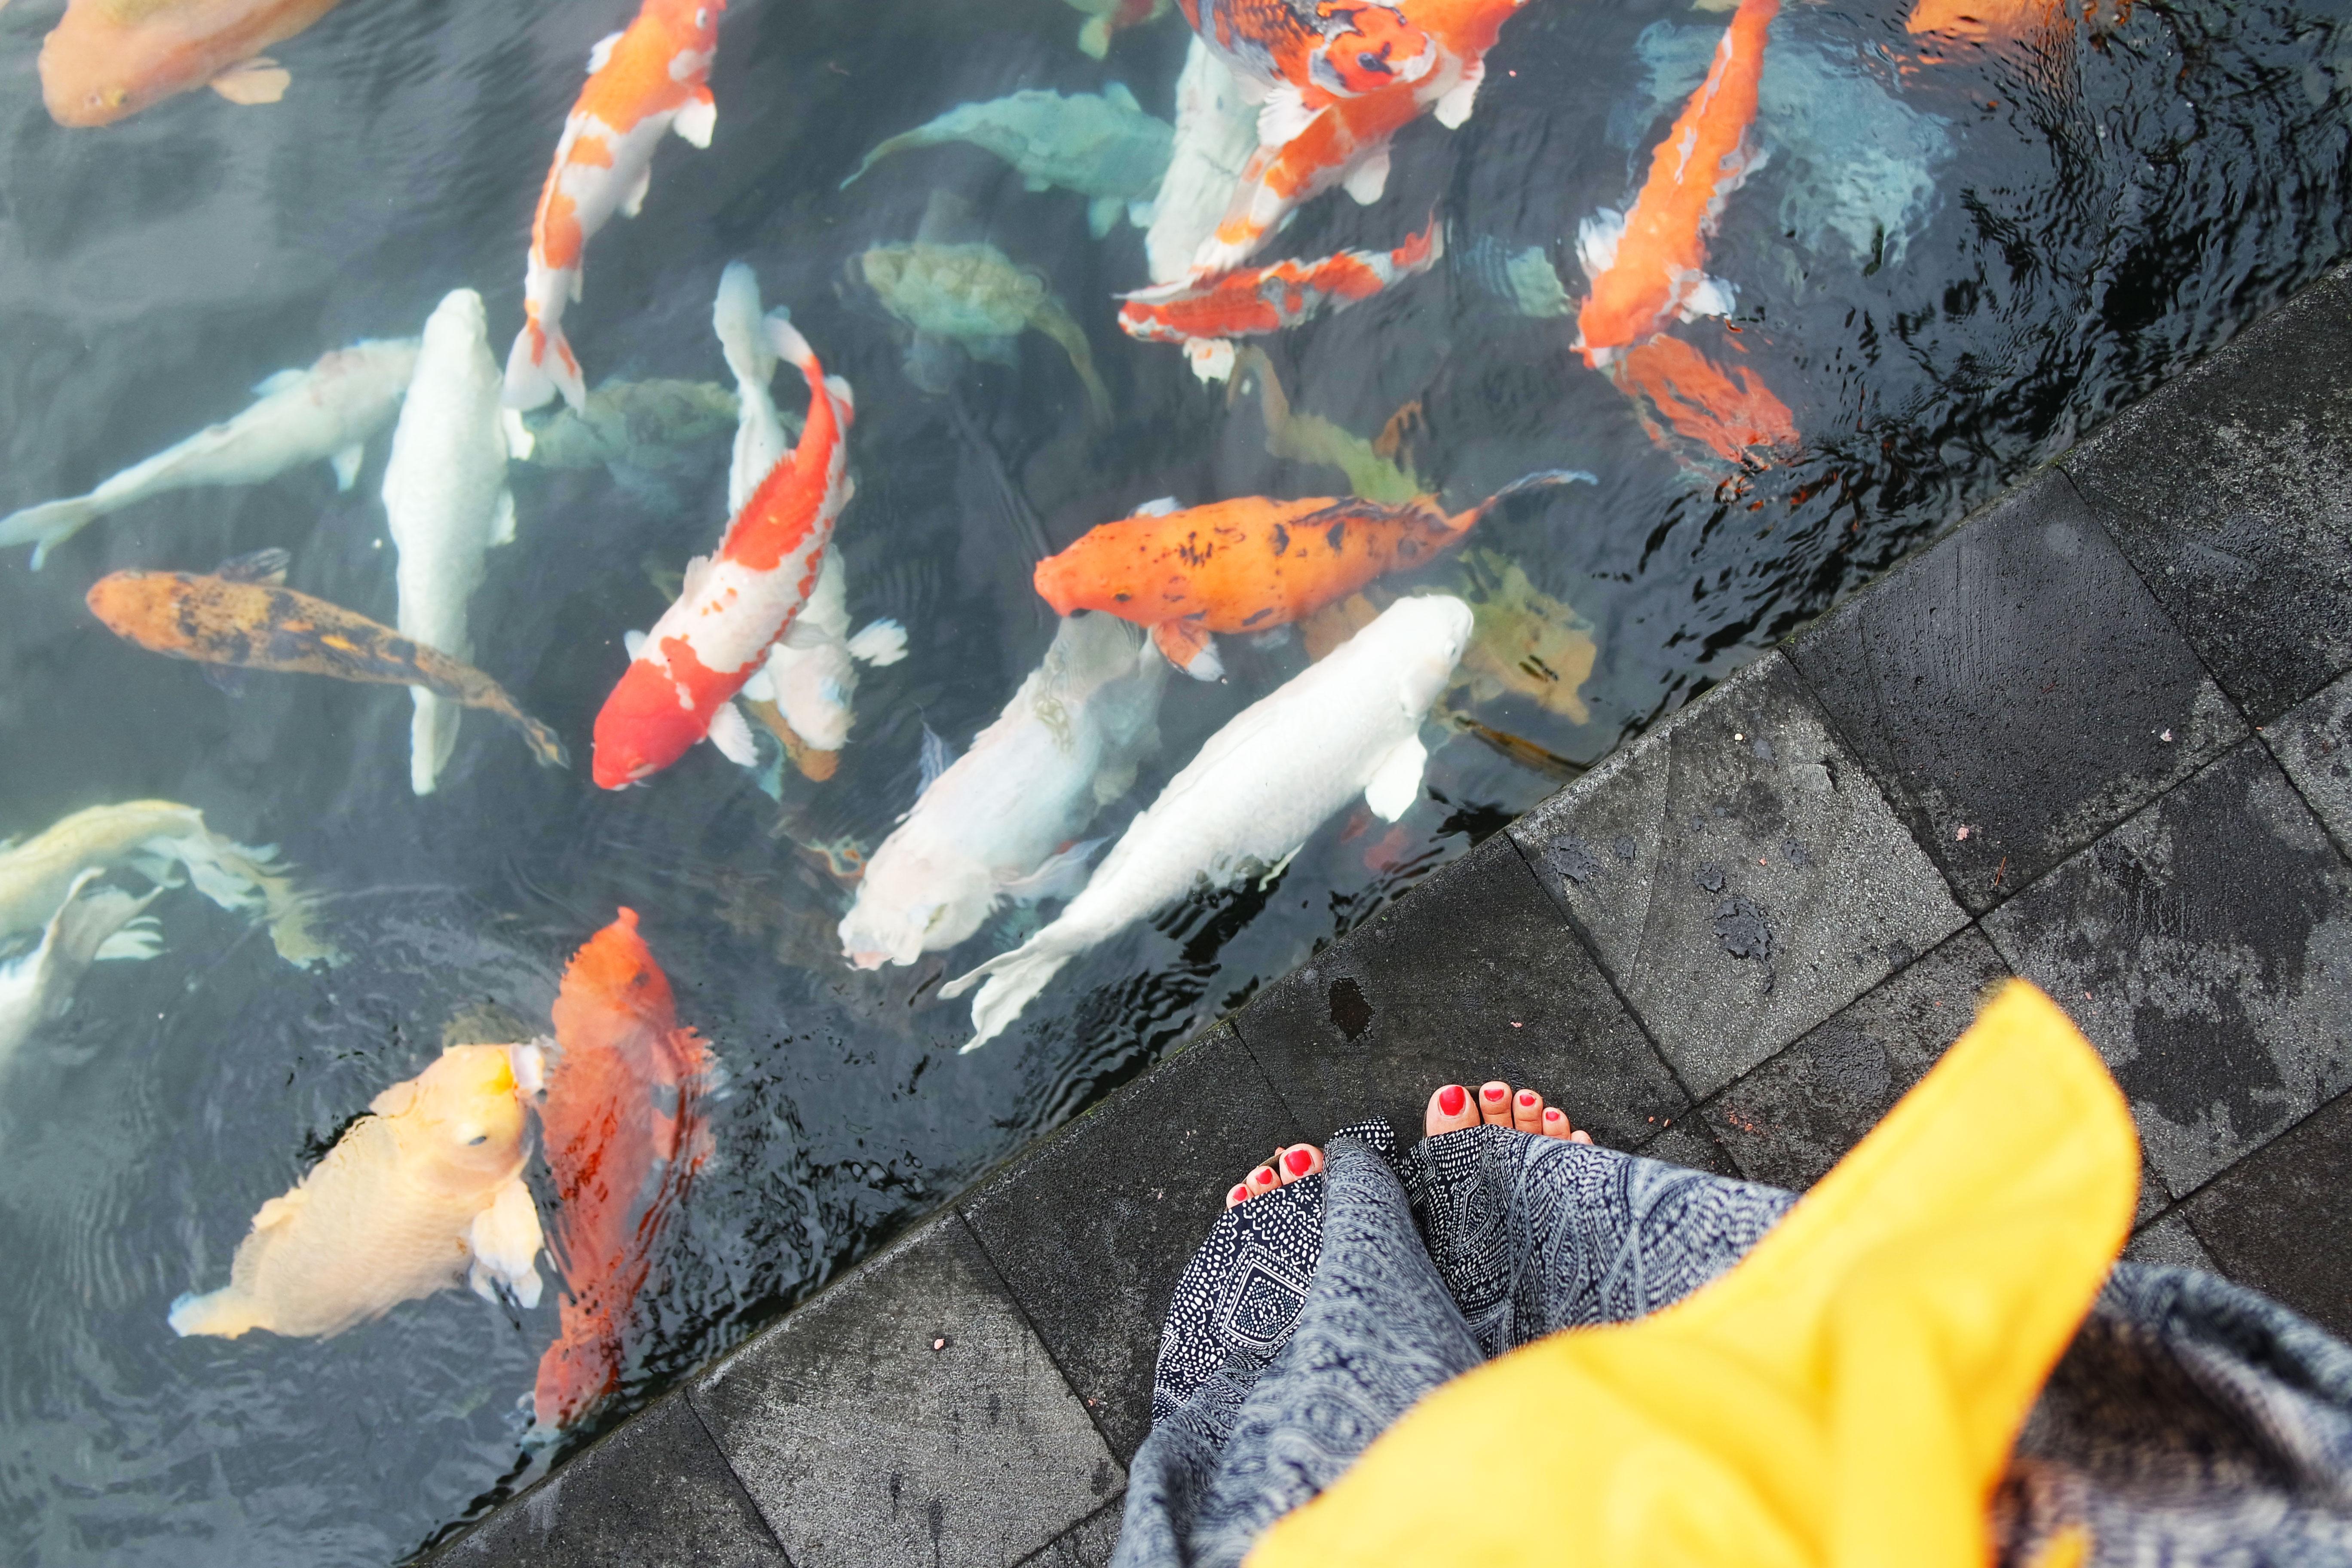 ubud-visite-guide-conseils-choses-à-faire-top-blog-voyage